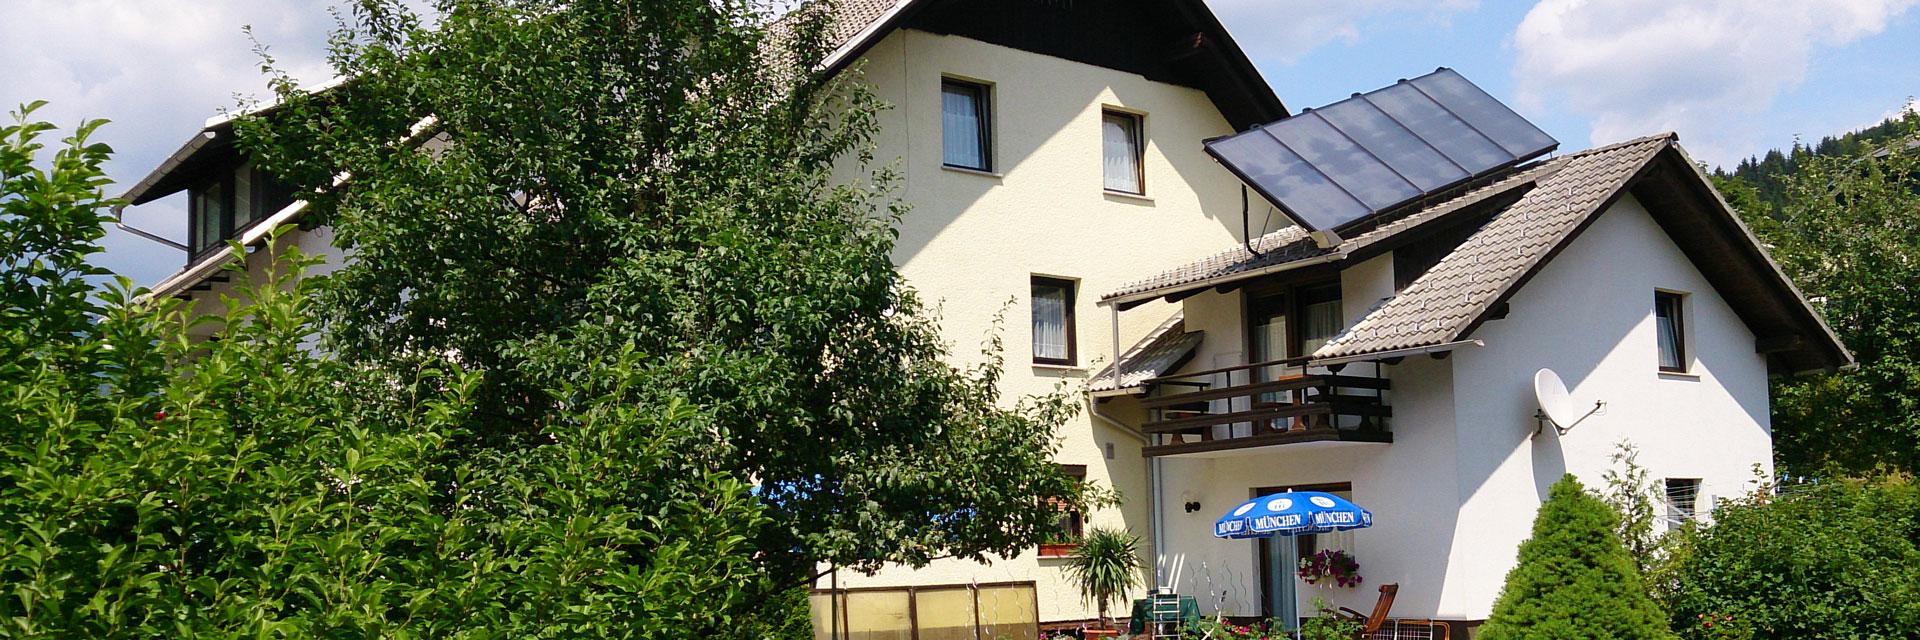 Full Size of Schlafstudio München Apartments Pod Rodico In Slowenien Betten Sofa Wohnzimmer Schlafstudio München